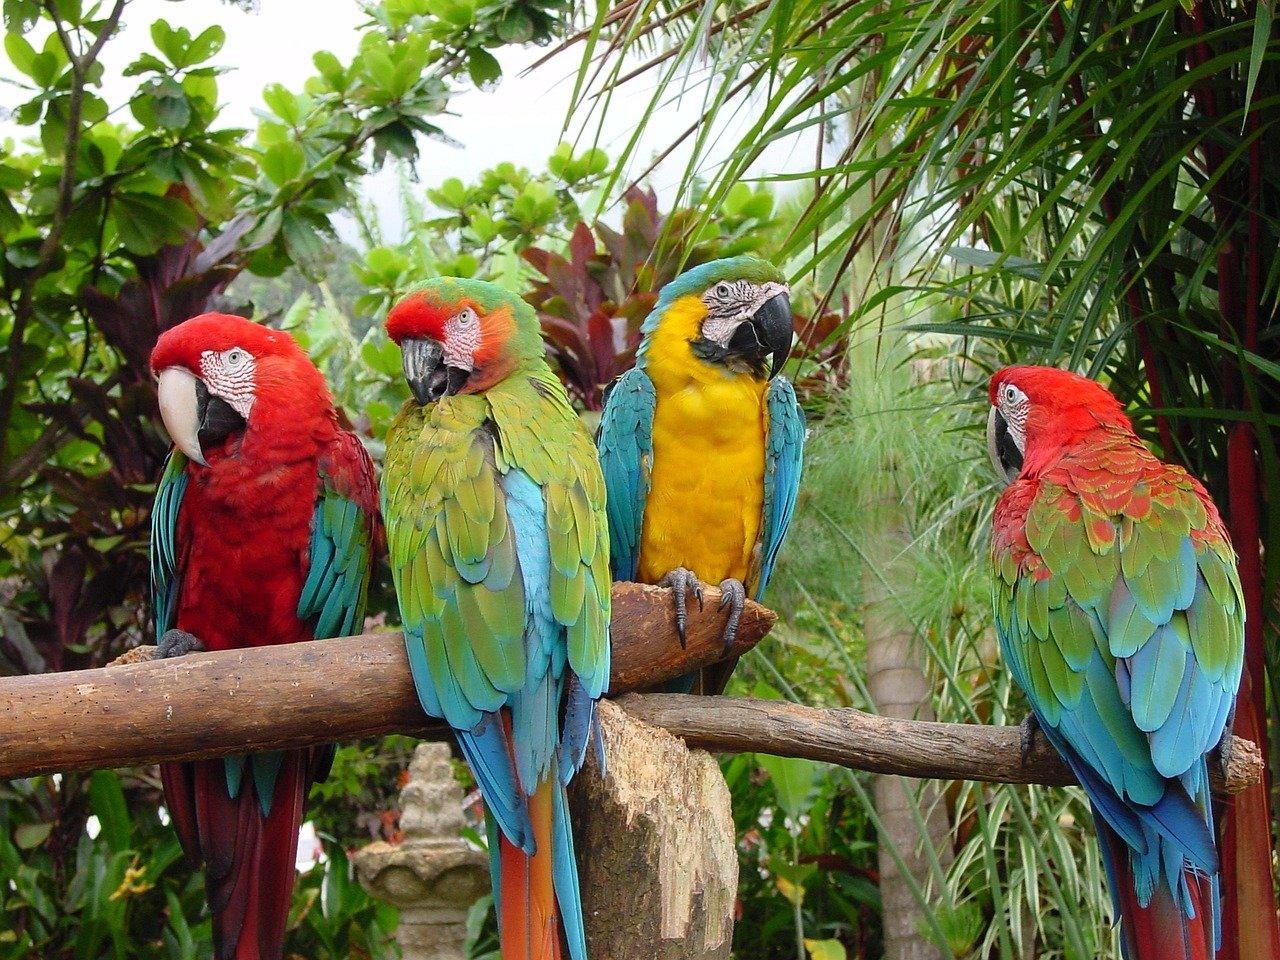 parrots 1438063 1280 - Guacamayas que adornan el cielo de Caracas